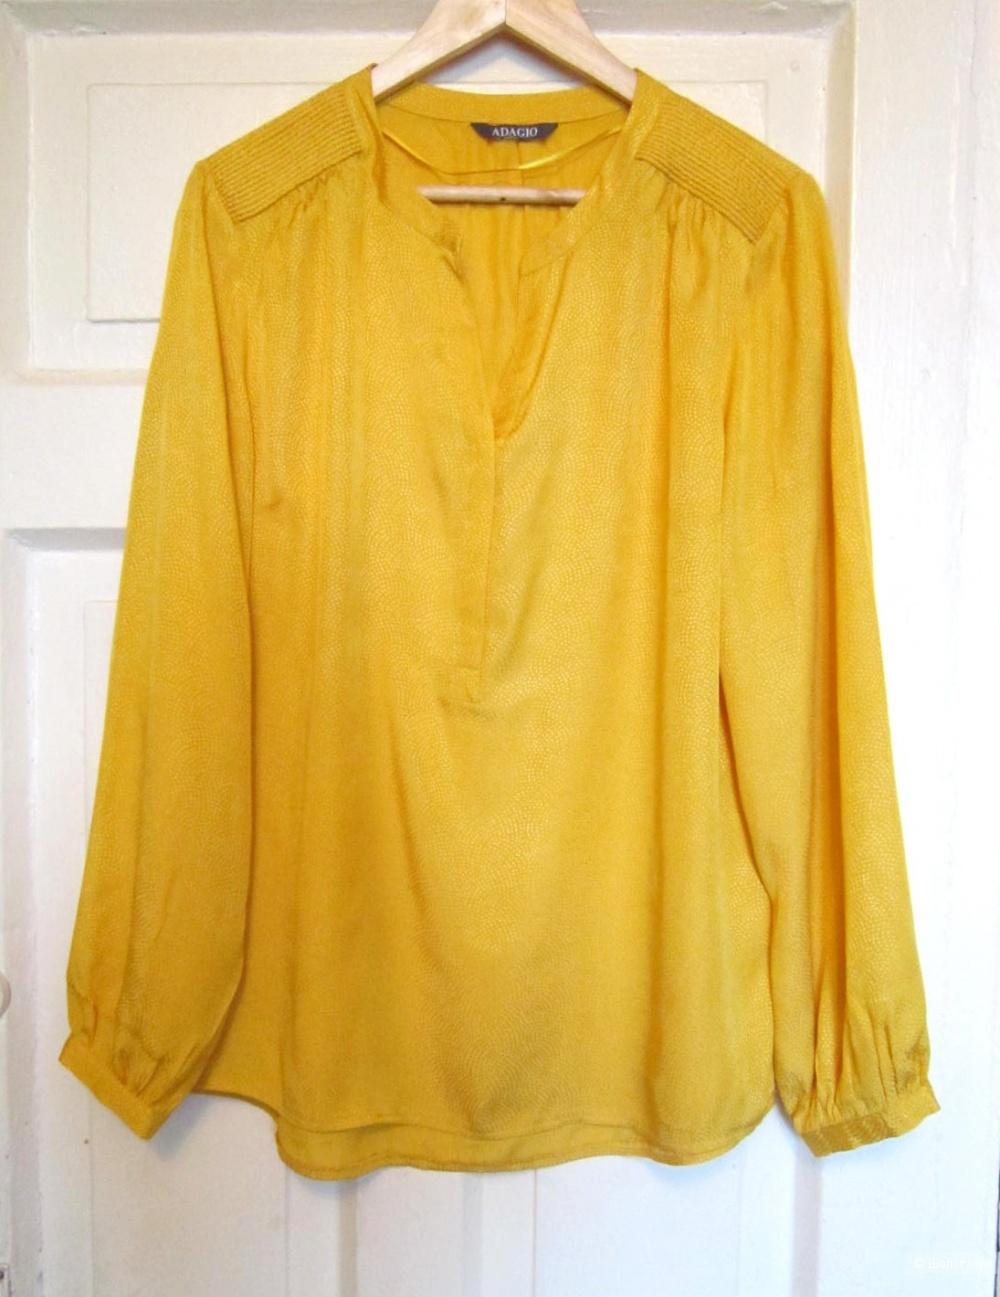 Блуза/ рубашка, Adagio, 48/50 размер, XL.